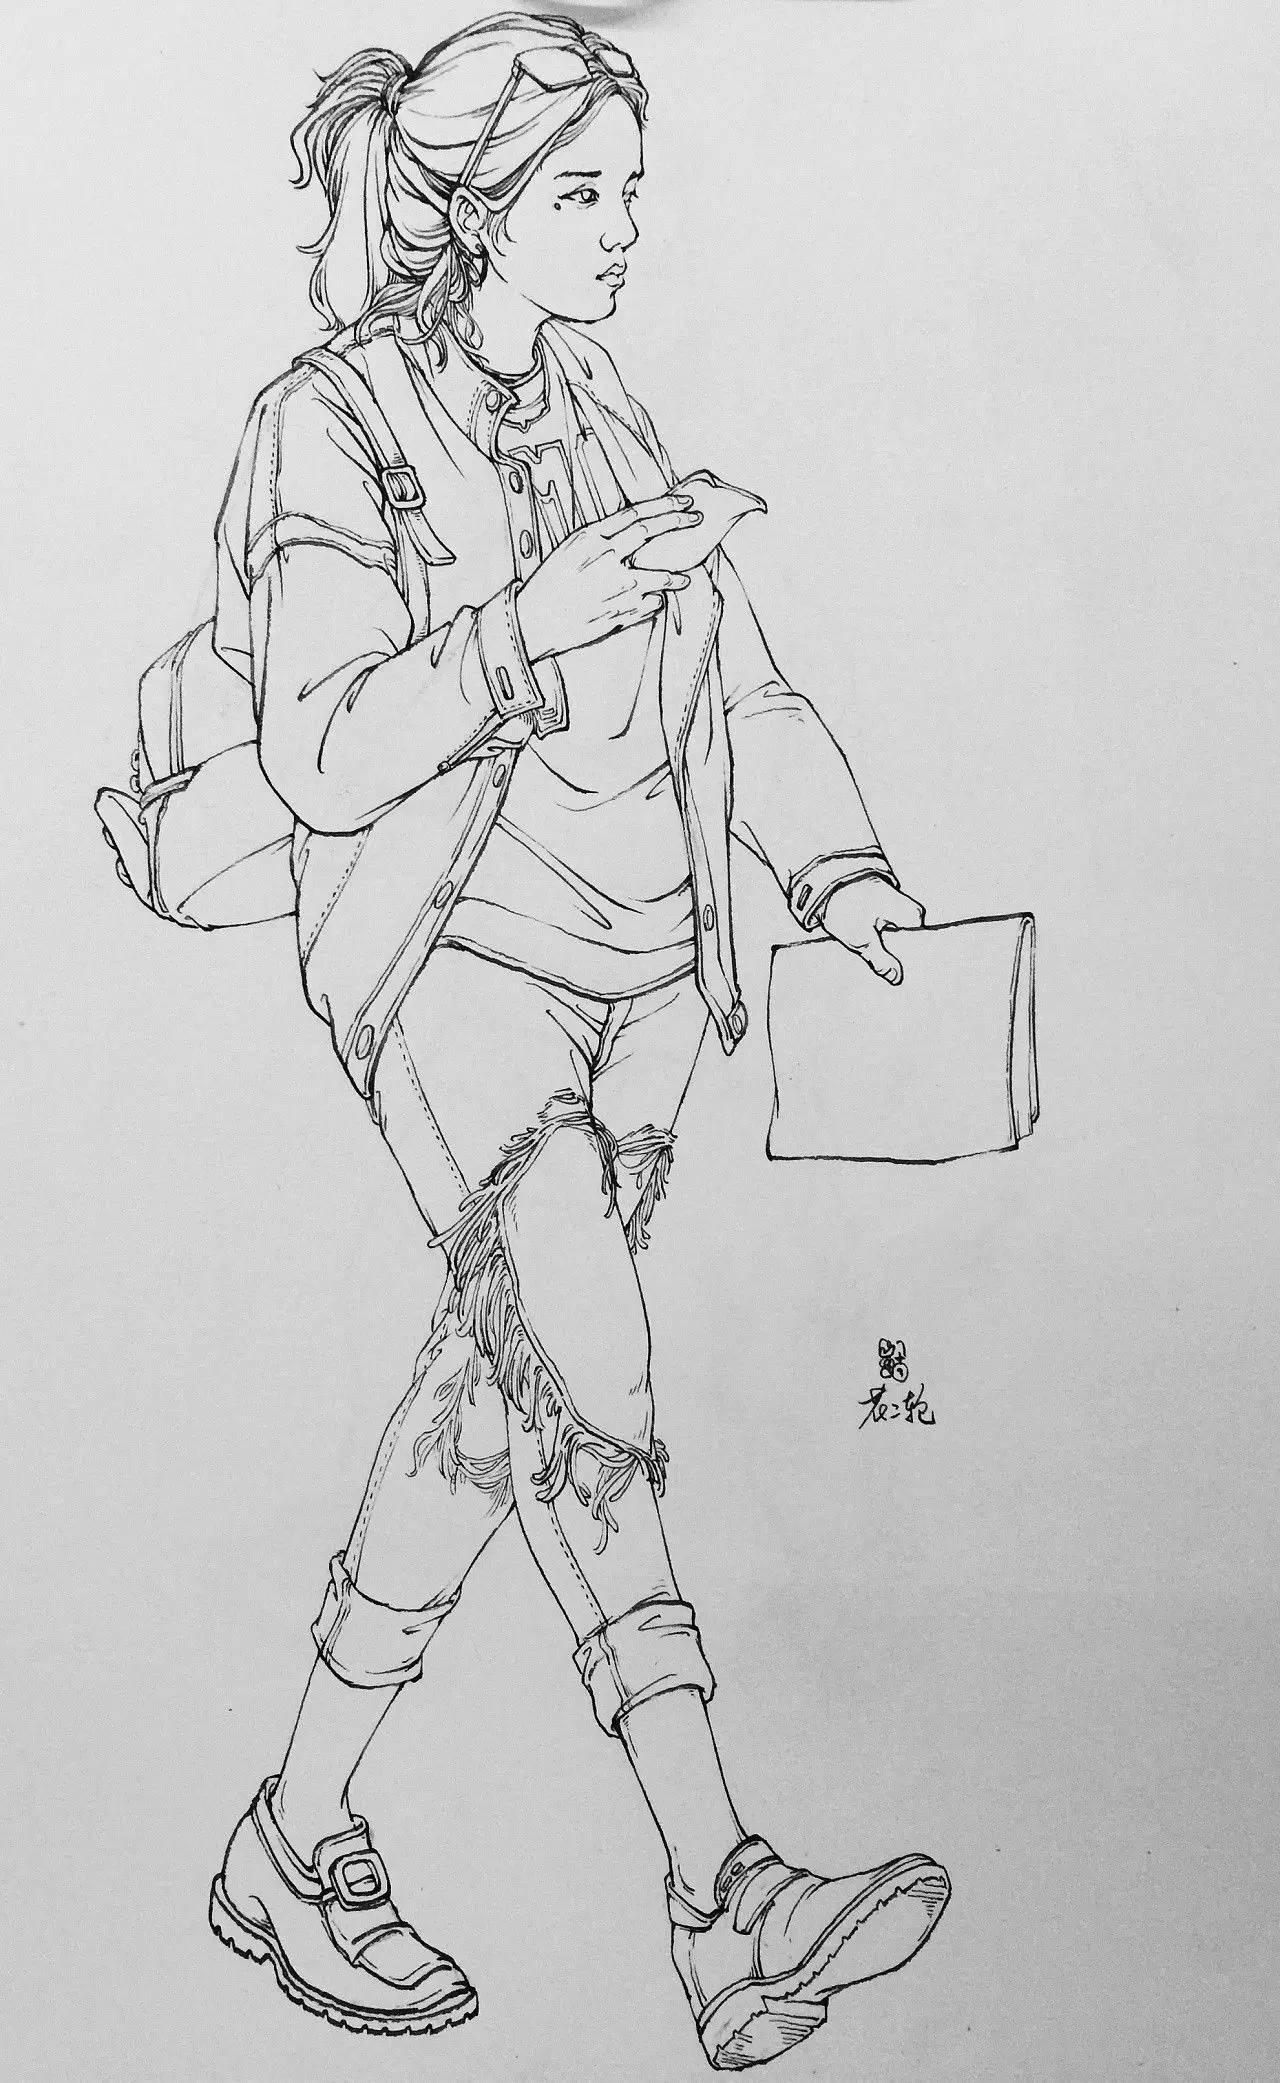 钢笔速写  @花二轮同学 来自重庆的插画师 他的速写线条干净利落,速写